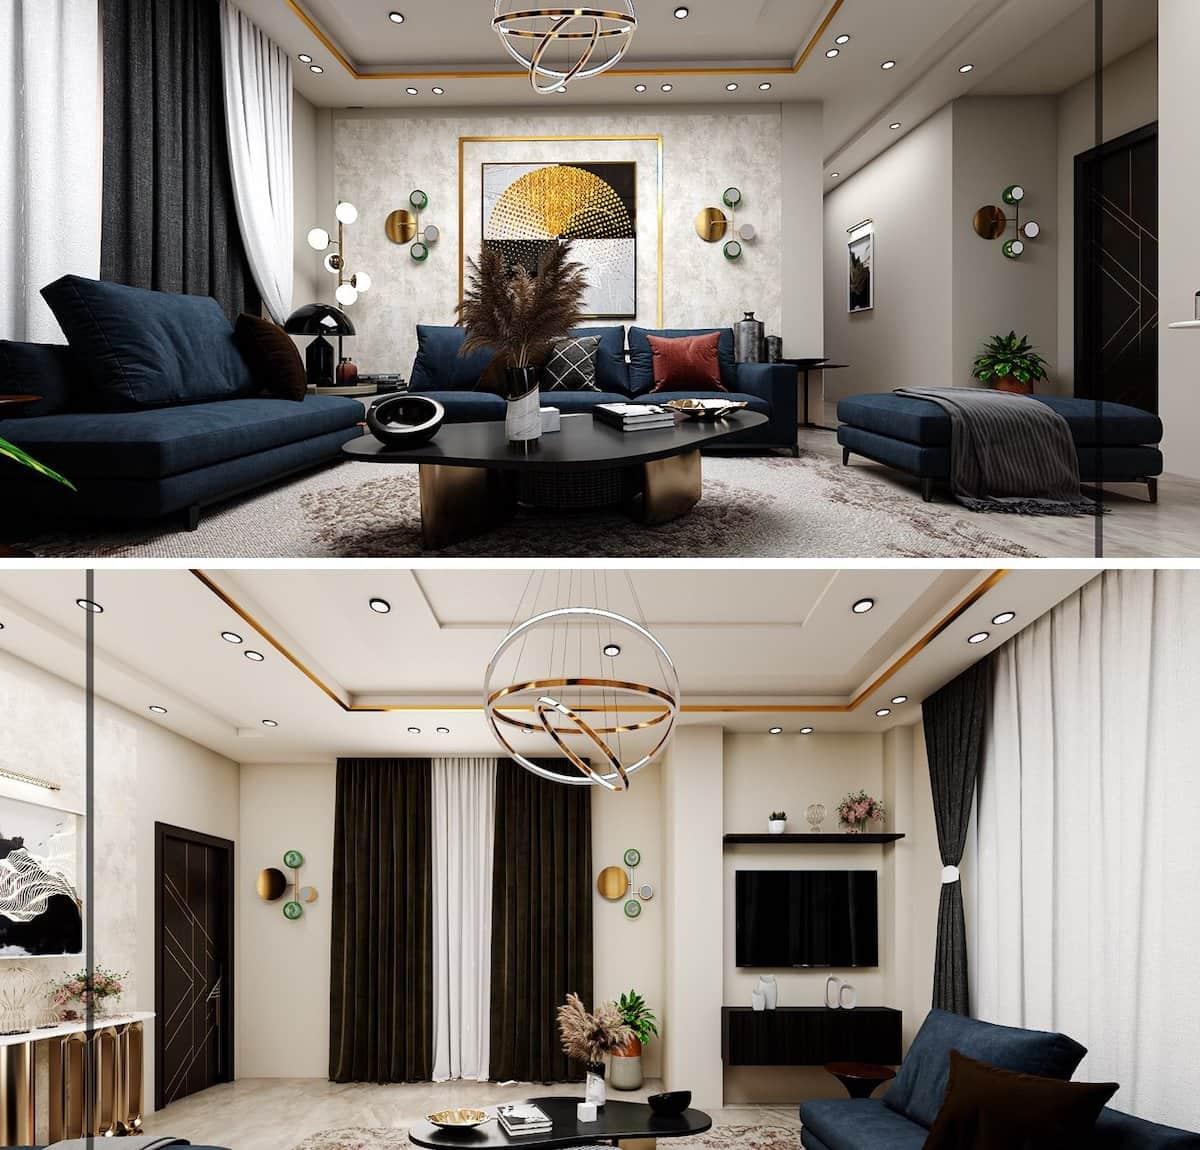 красивый дизайн потолка фото 65